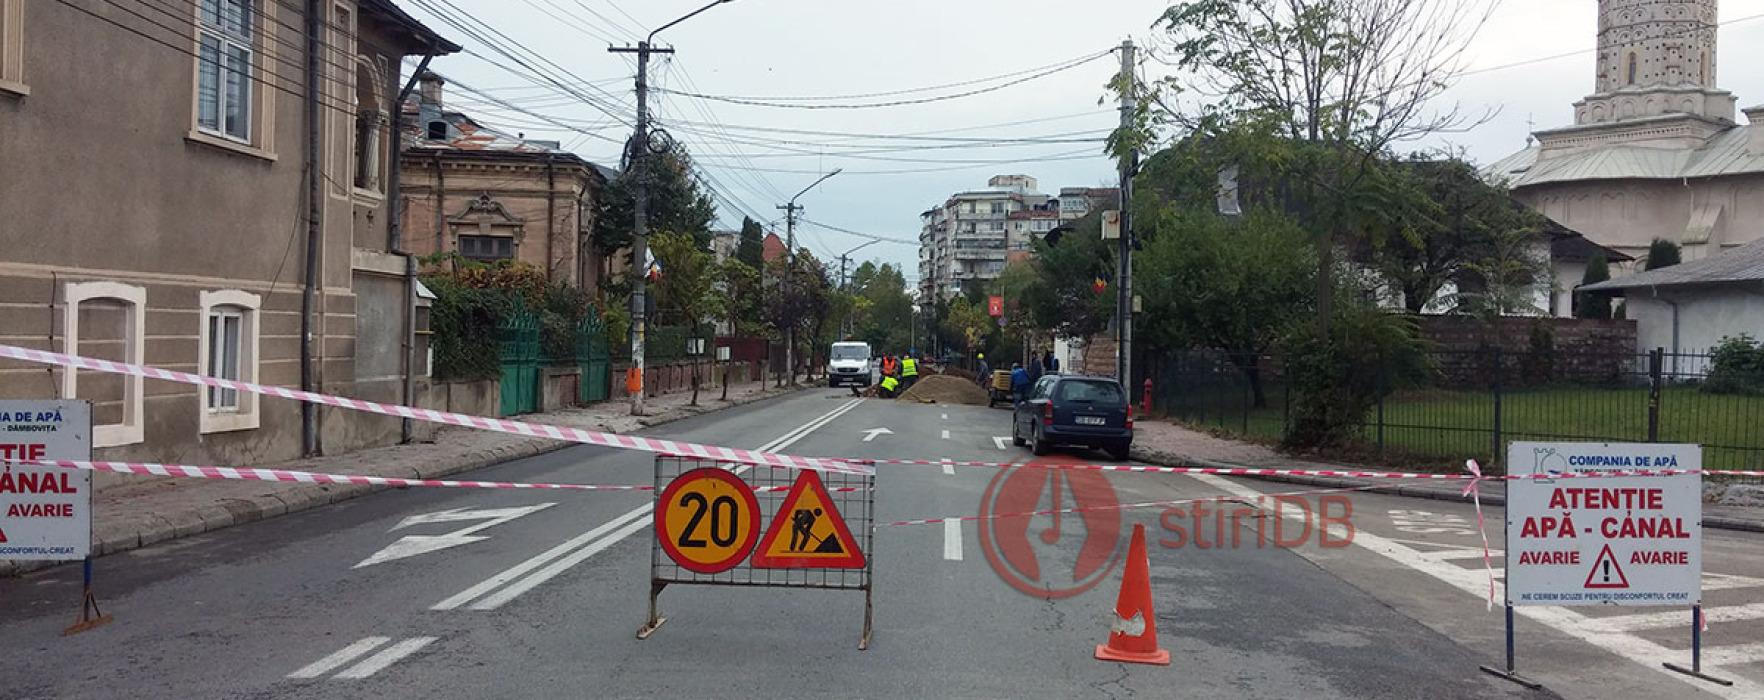 Târgovişte: Calea Domnească, blocată din cauza unei avarii reţea apă